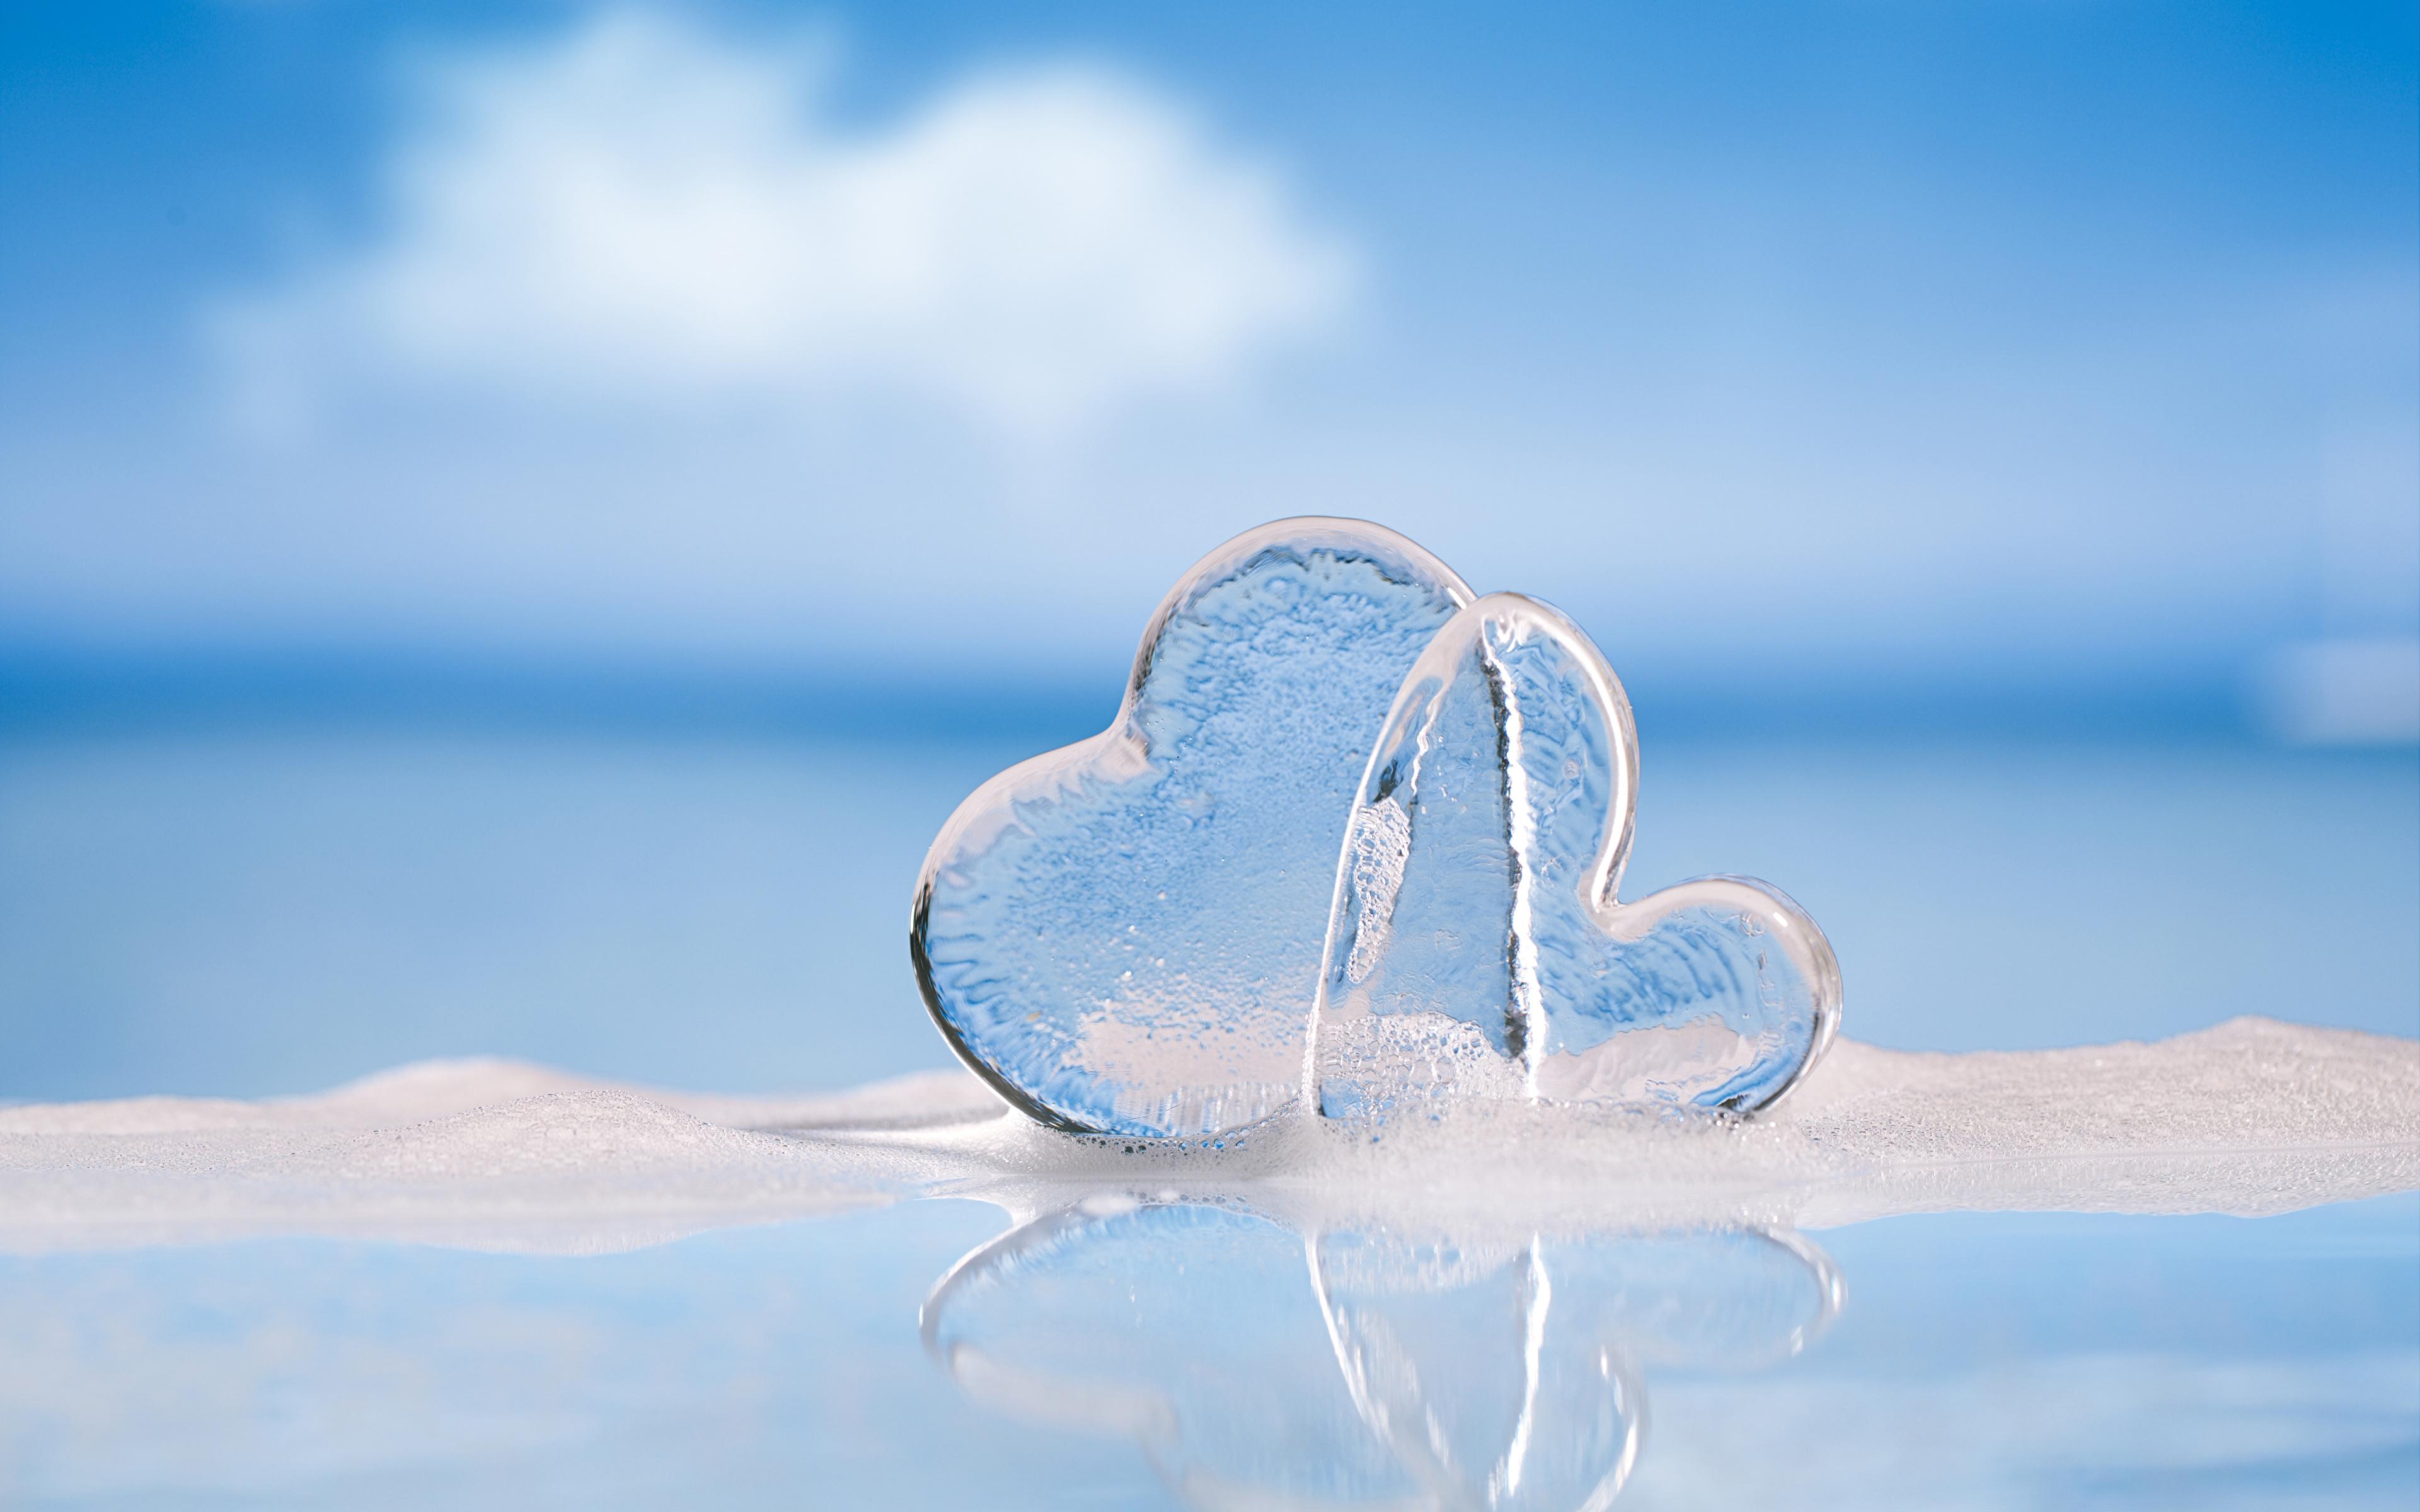 Fotos von Valentinstag Herz Eis 2 3840x2400 Zwei